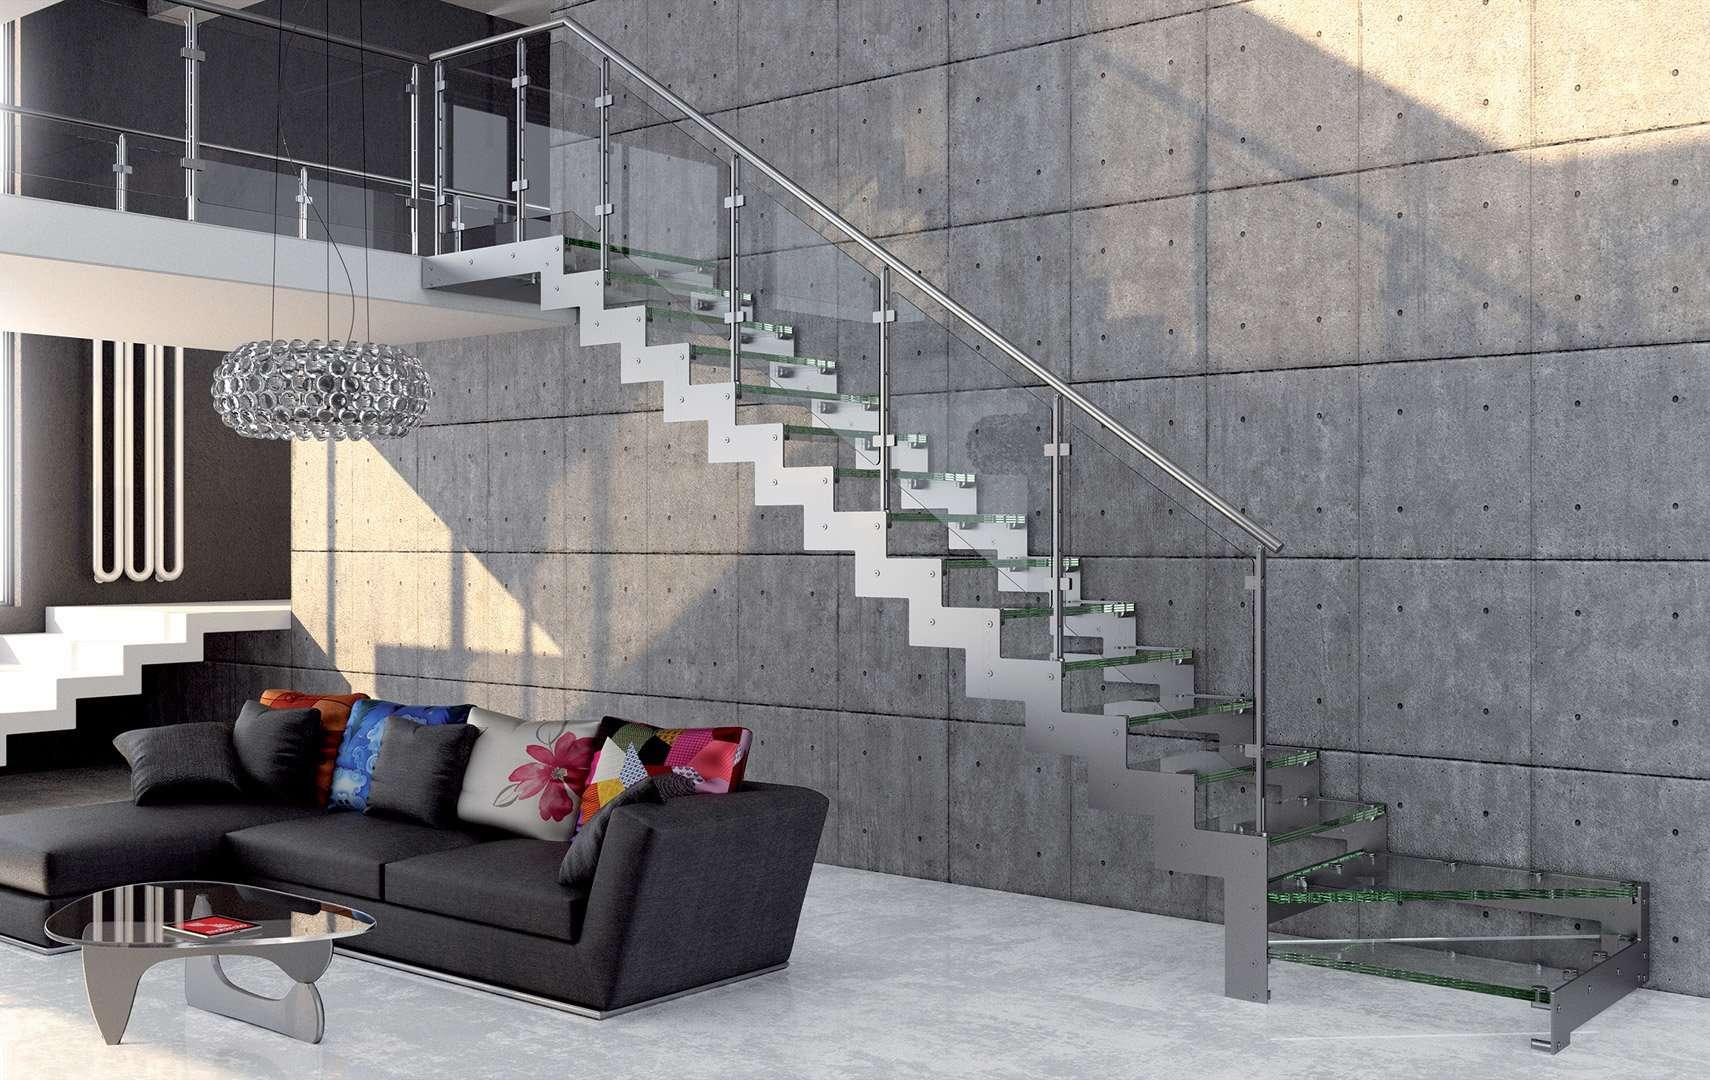 Rexal glass scale interne con ringhiera in vetro un - Scale esterne moderne ...